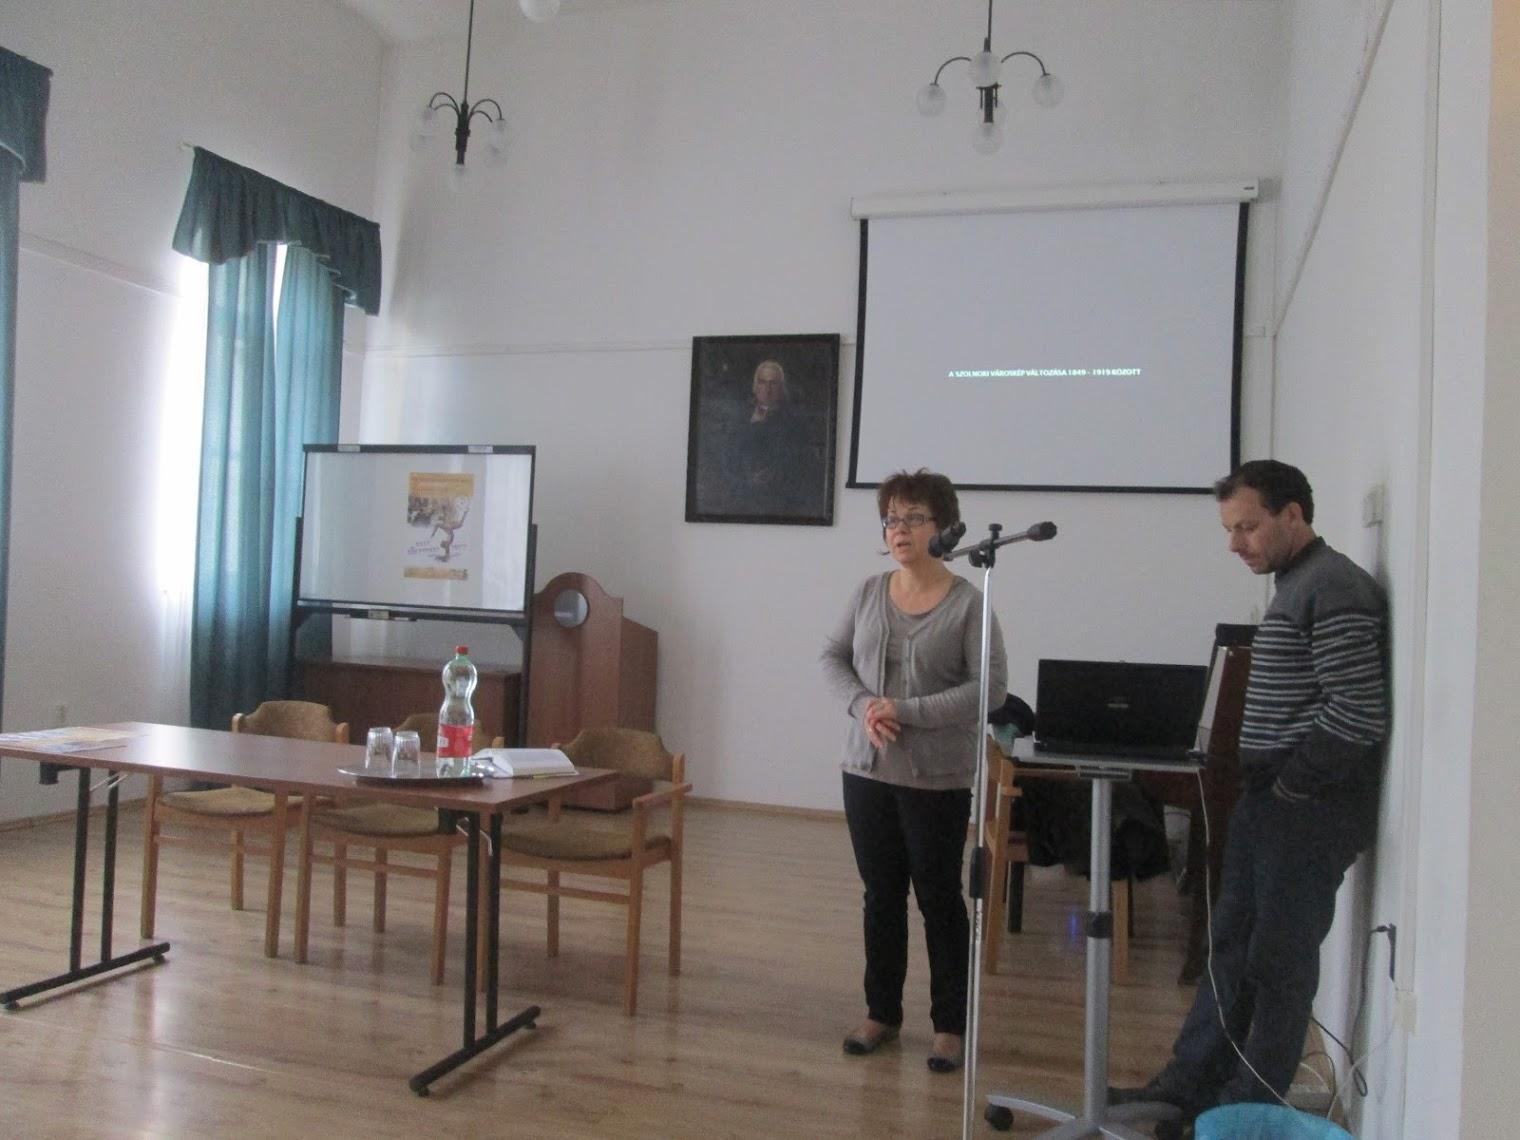 Csendes Mónika előadása közben